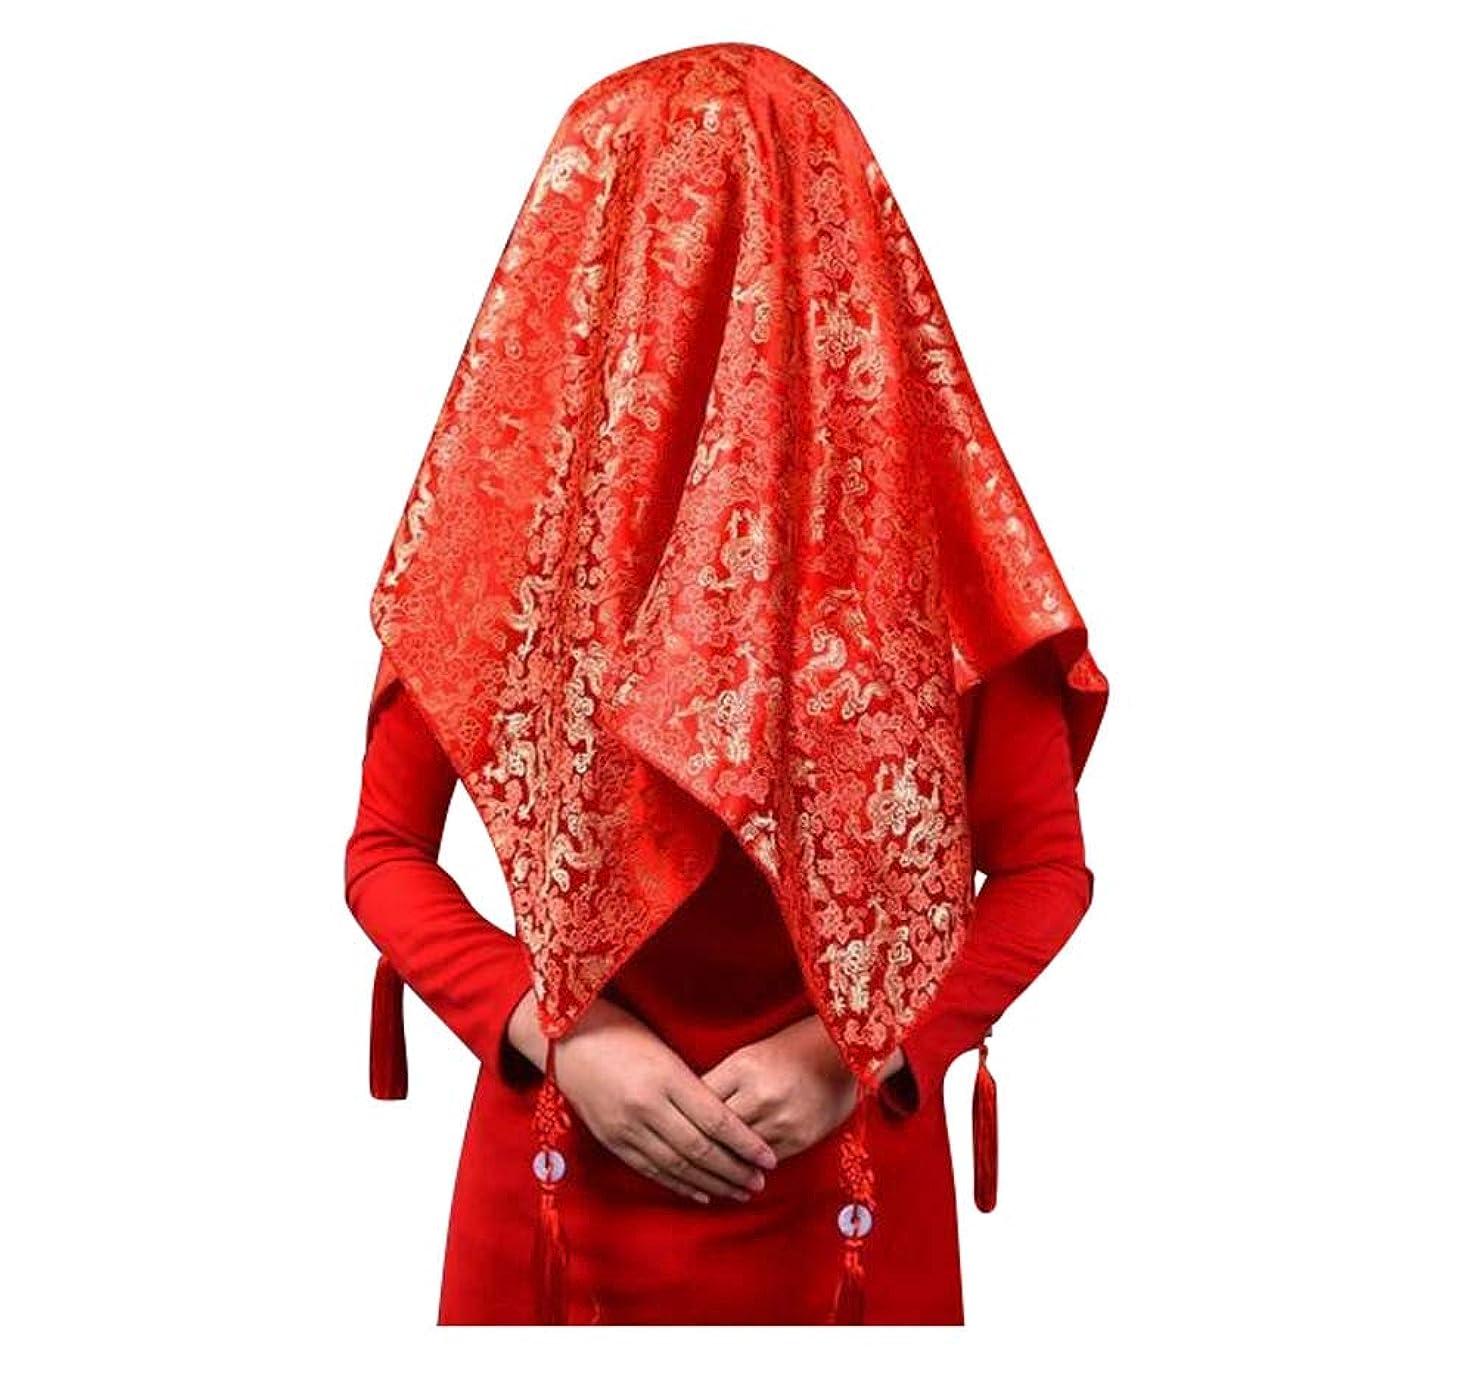 ボウル手がかり荒らす中国風の花嫁の結婚式の用品、赤い刺繍のベールの装飾、D02